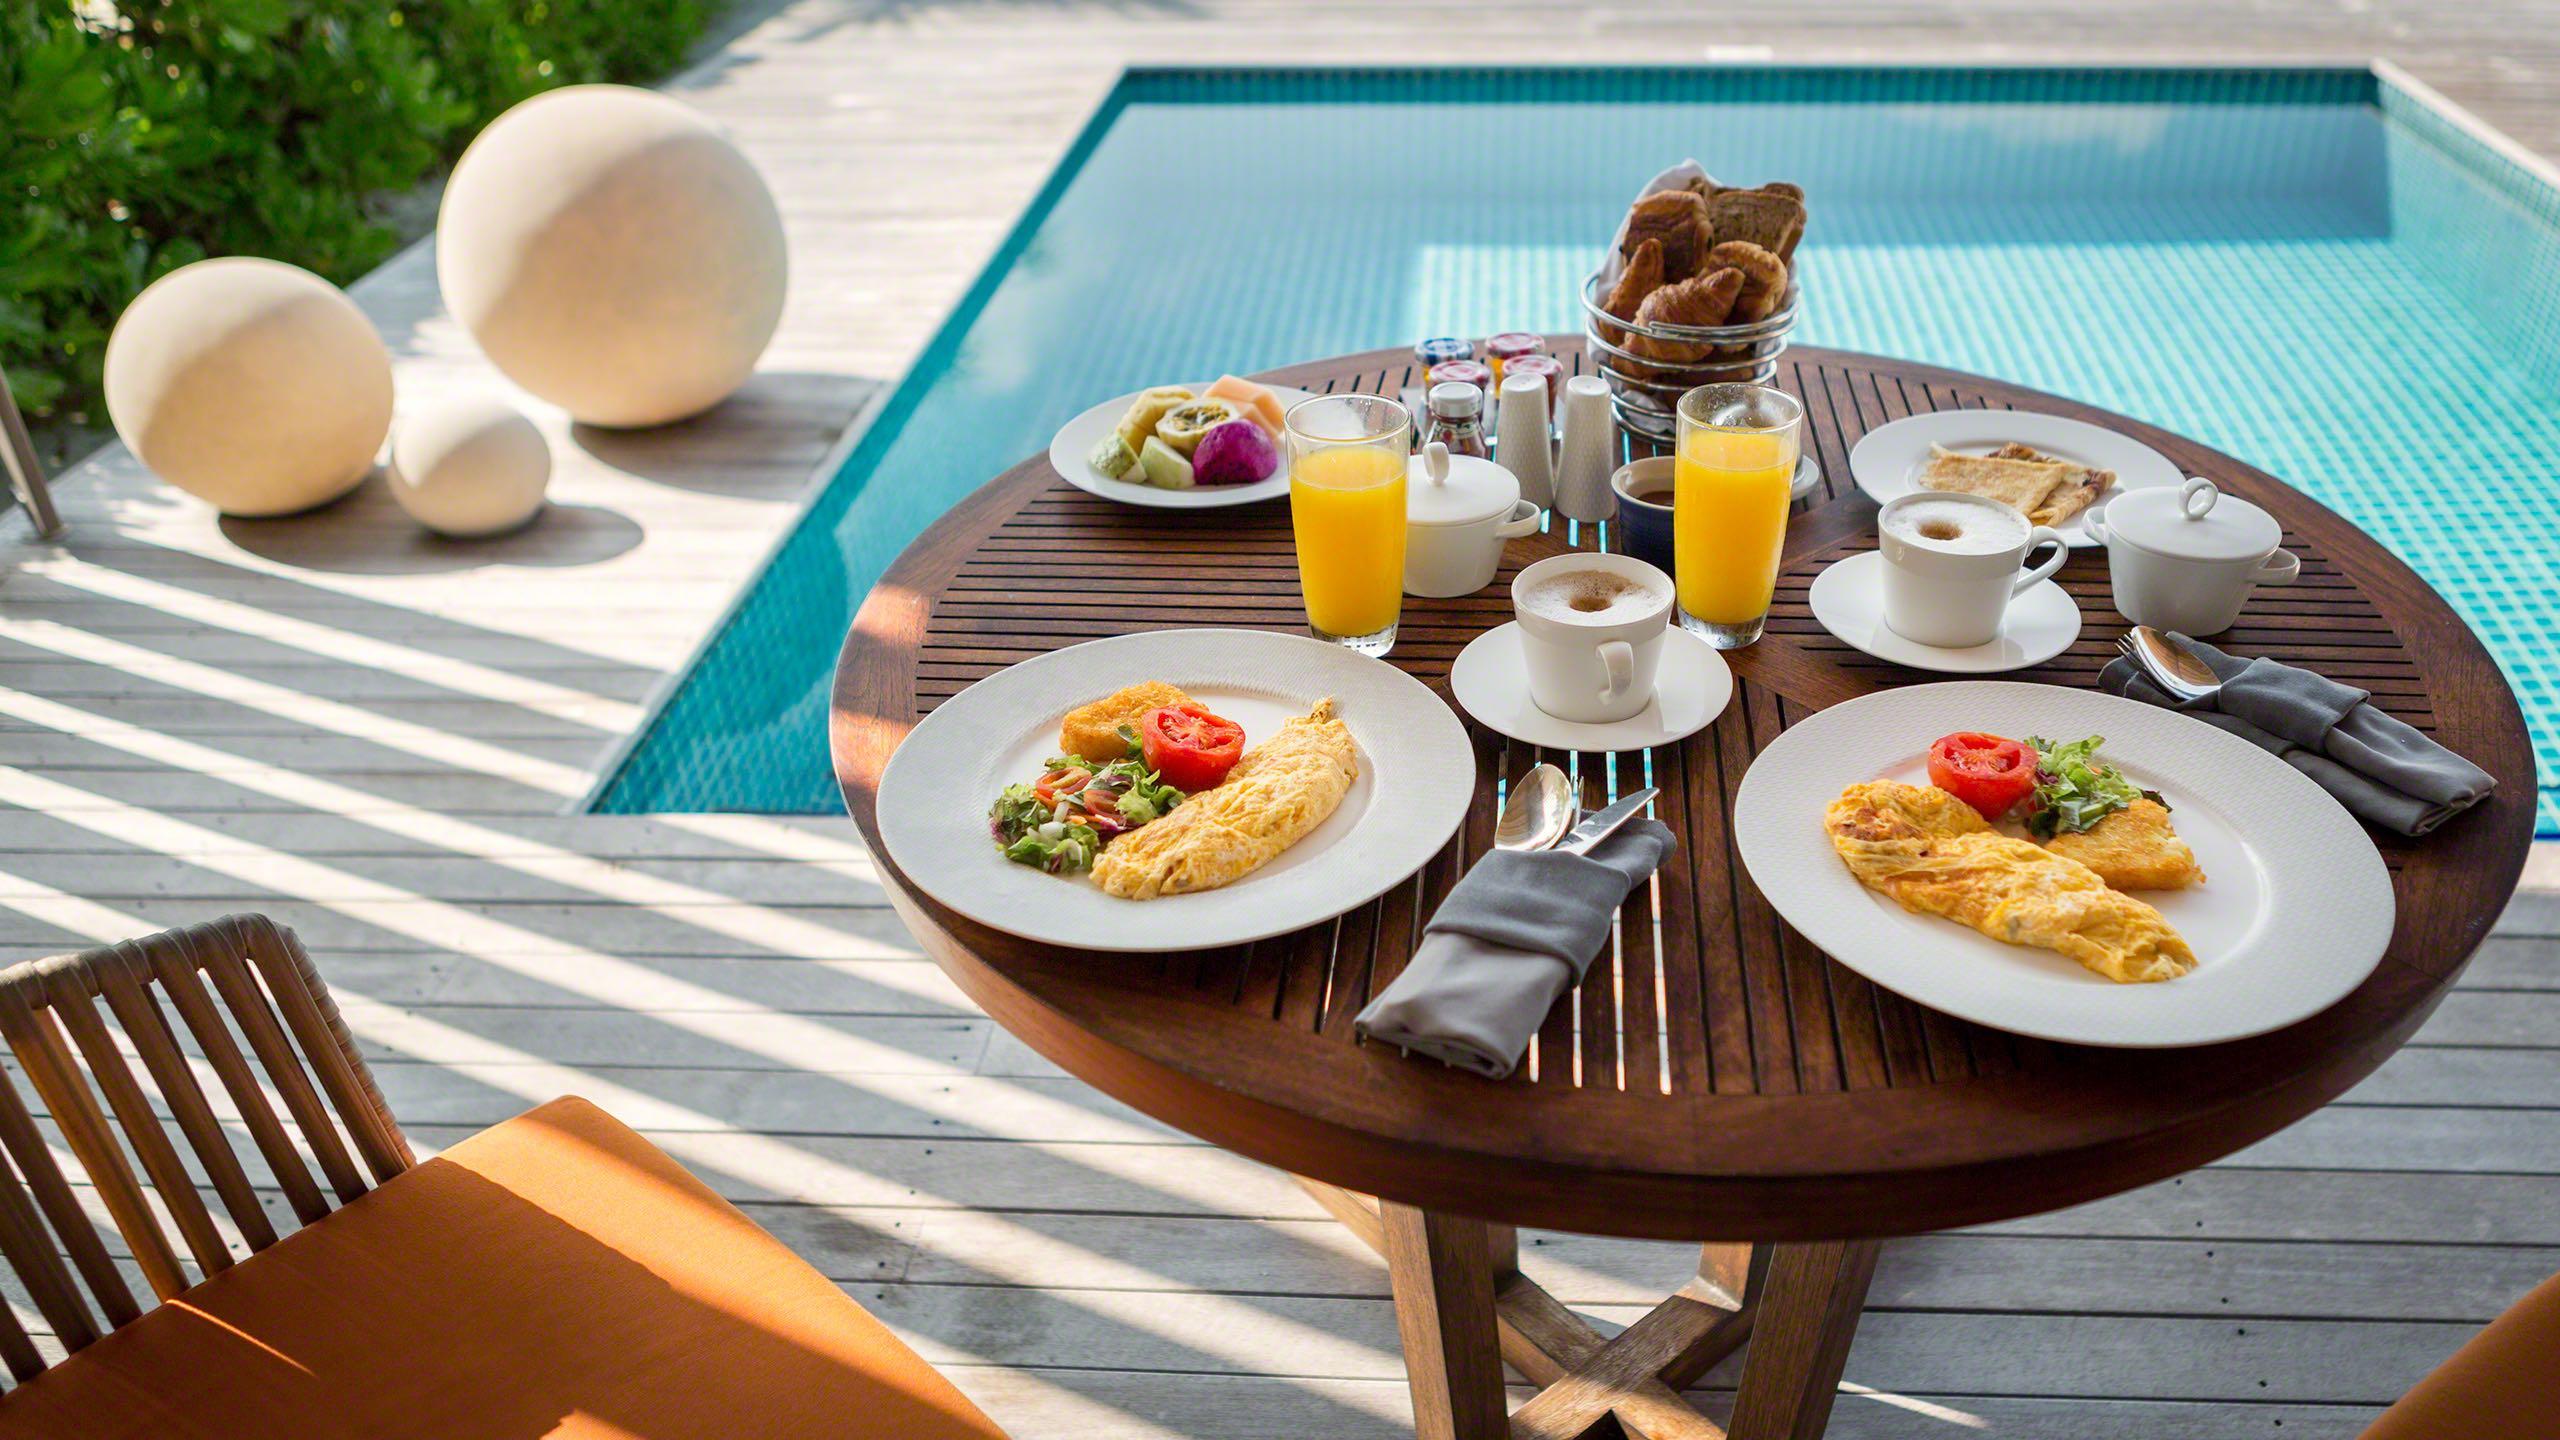 Paradiesisches Frühstück in der eigenen Villa am Pool servieren lassen, auch dieser Service ist inklusive ©Mirco Seyfert